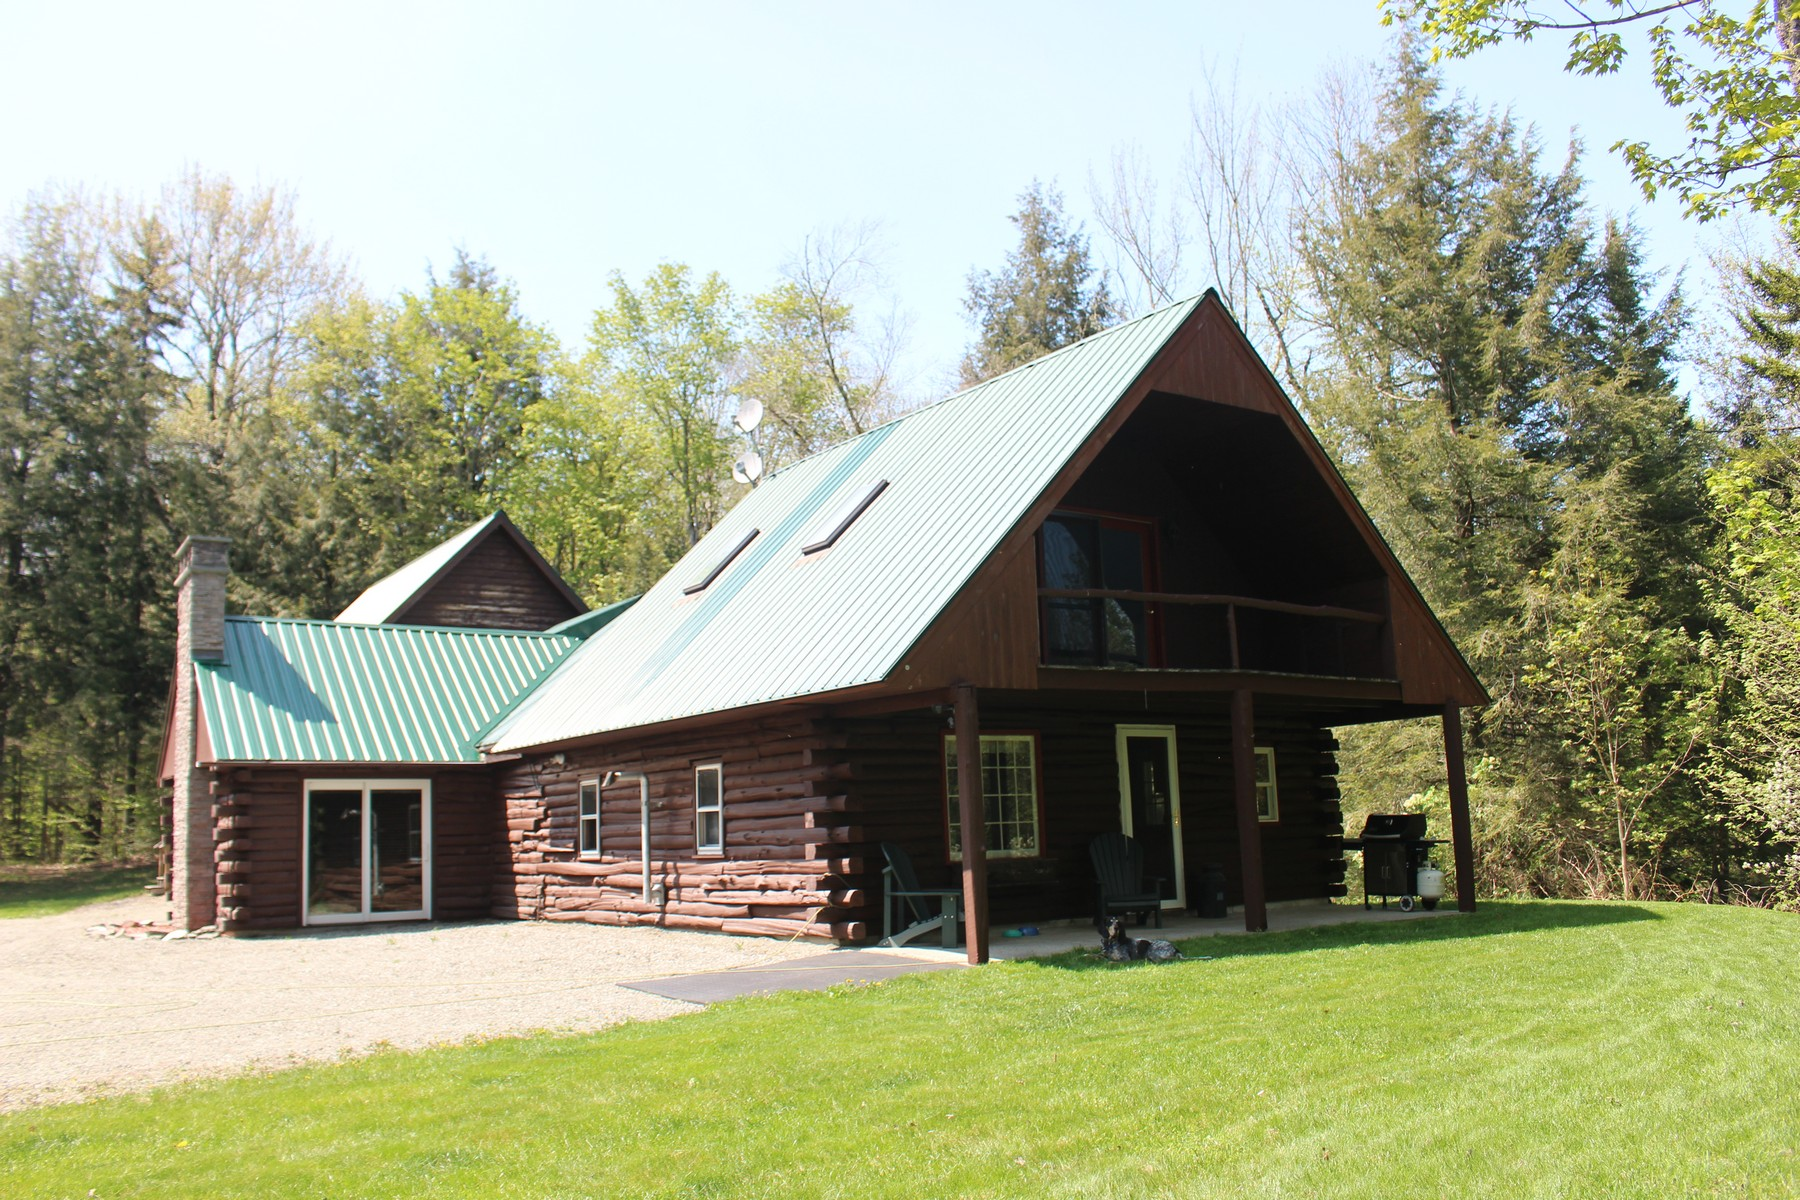 단독 가정 주택 용 매매 에 414 South Pond Road, Eden 414 South Pond Rd Eden, 베르몬트, 05653 미국